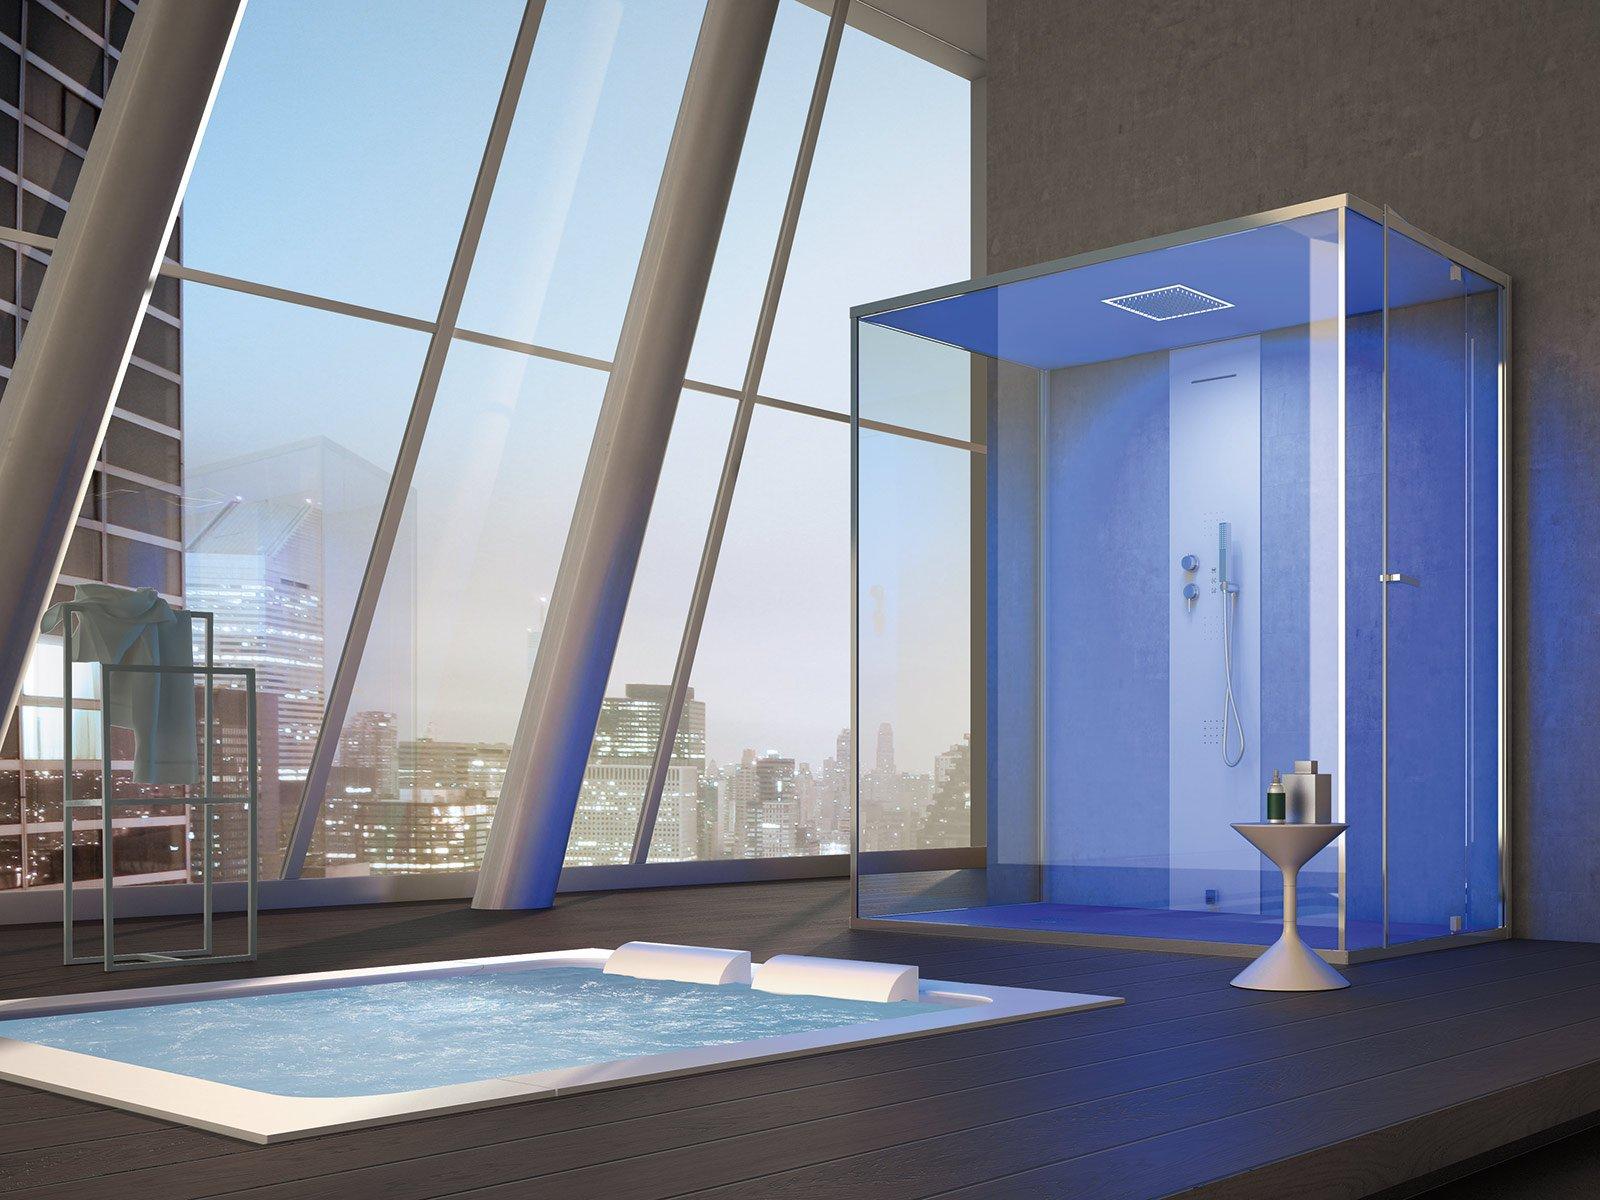 Bagno dettagli di design per la doccia cose di casa